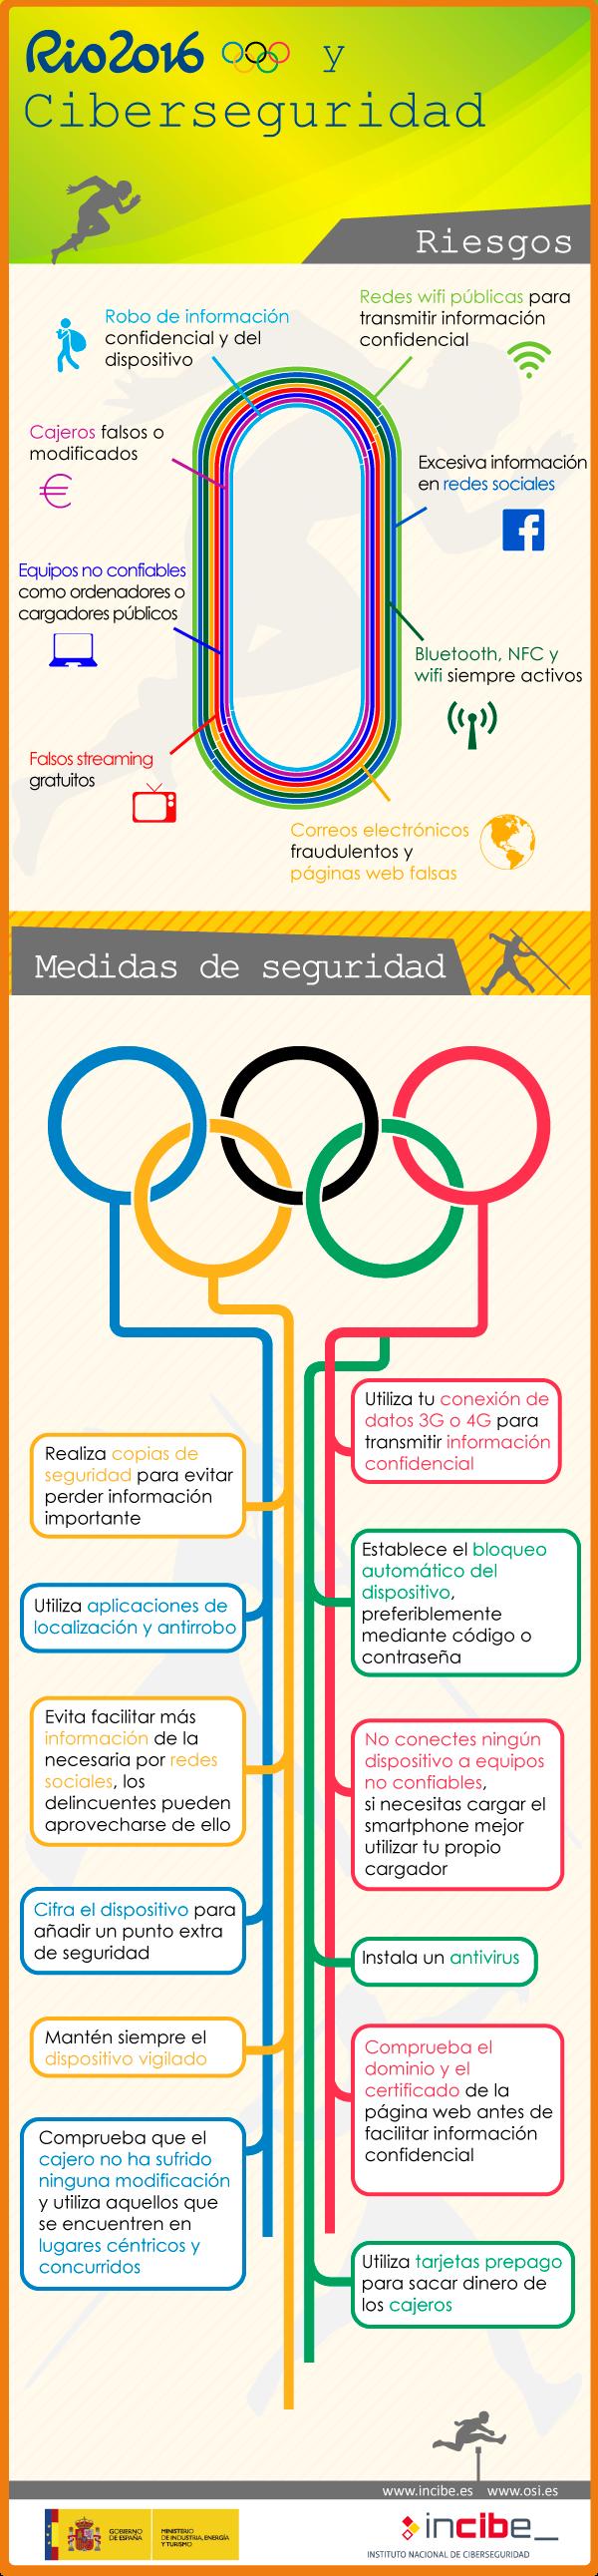 Rio 2016 y ciberseguridad. Riesgos: Robo de información confidencial y del dispositivo, Redes rifi públicas para transmitir información…